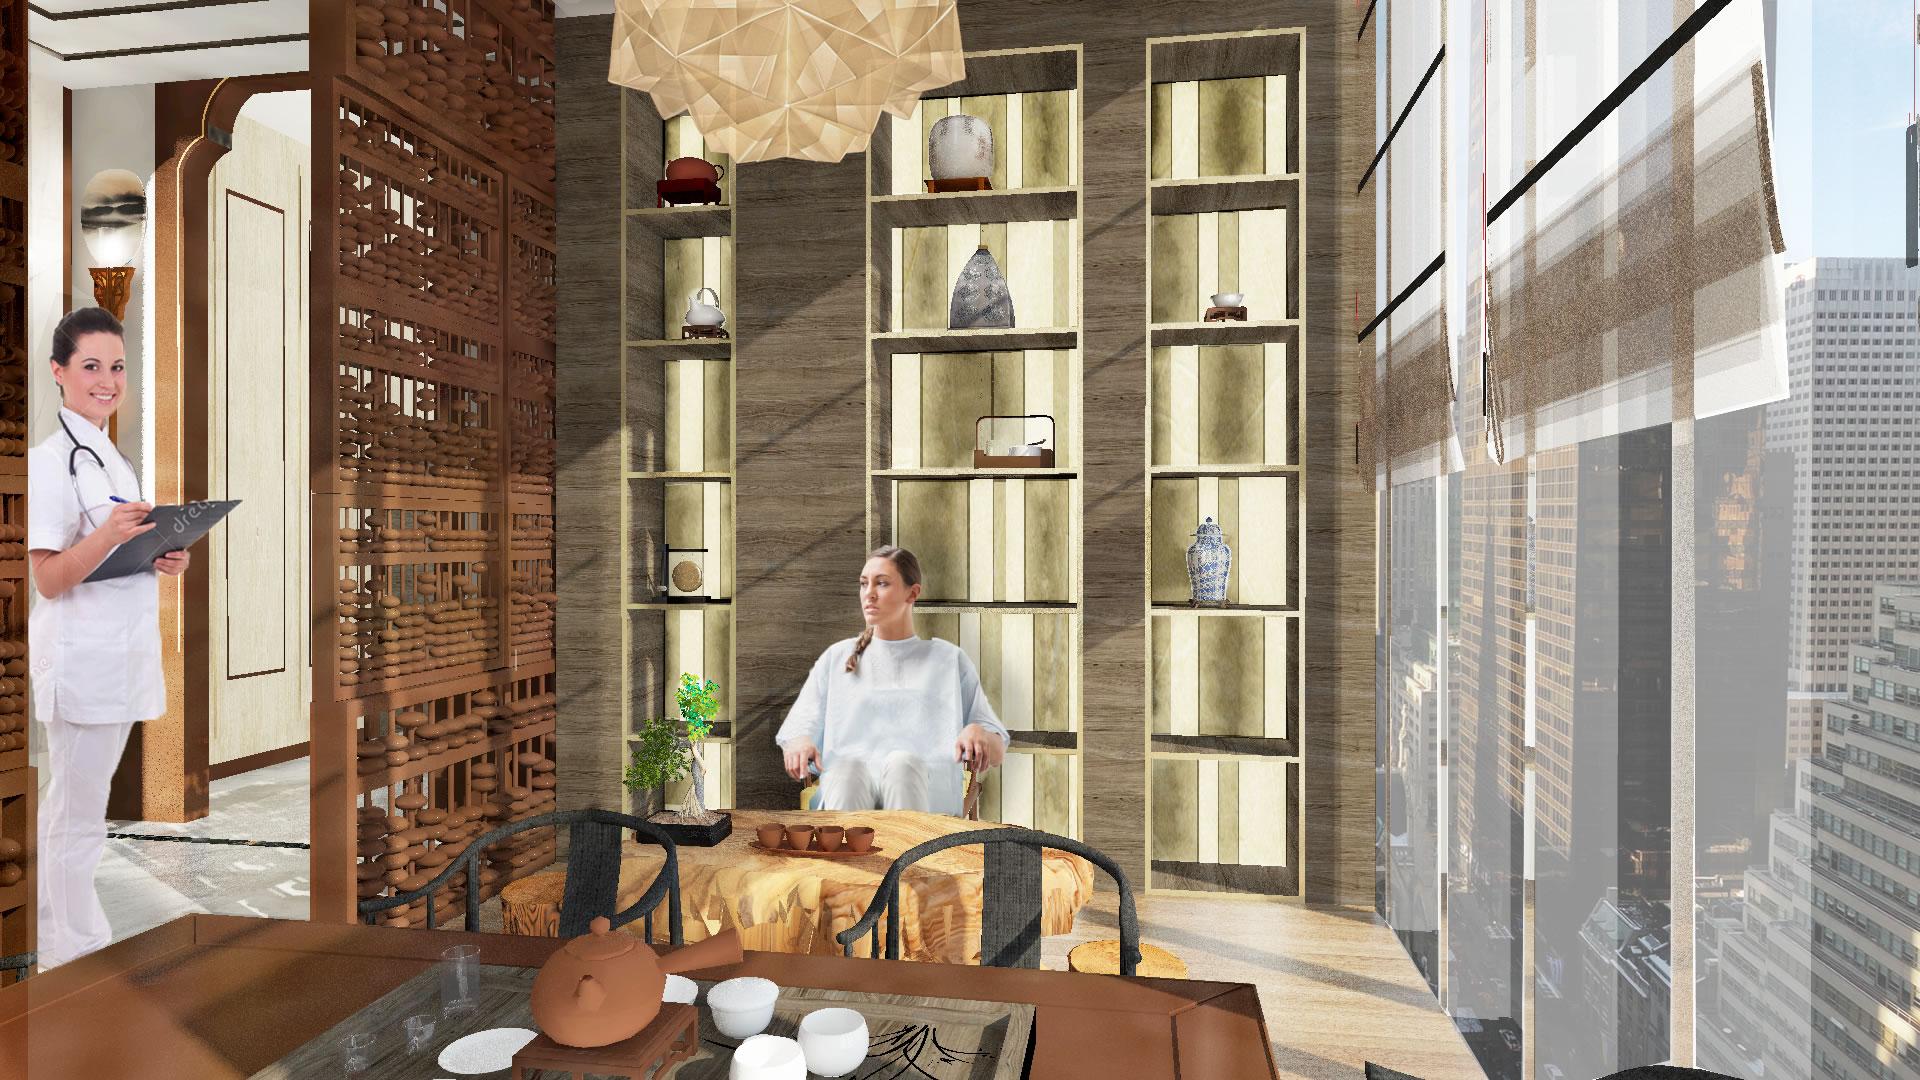 yan-zhang-mfa-1-hotel-clinic-for-cosmetic-surgery--51-astor-place_35120829742_o.jpg